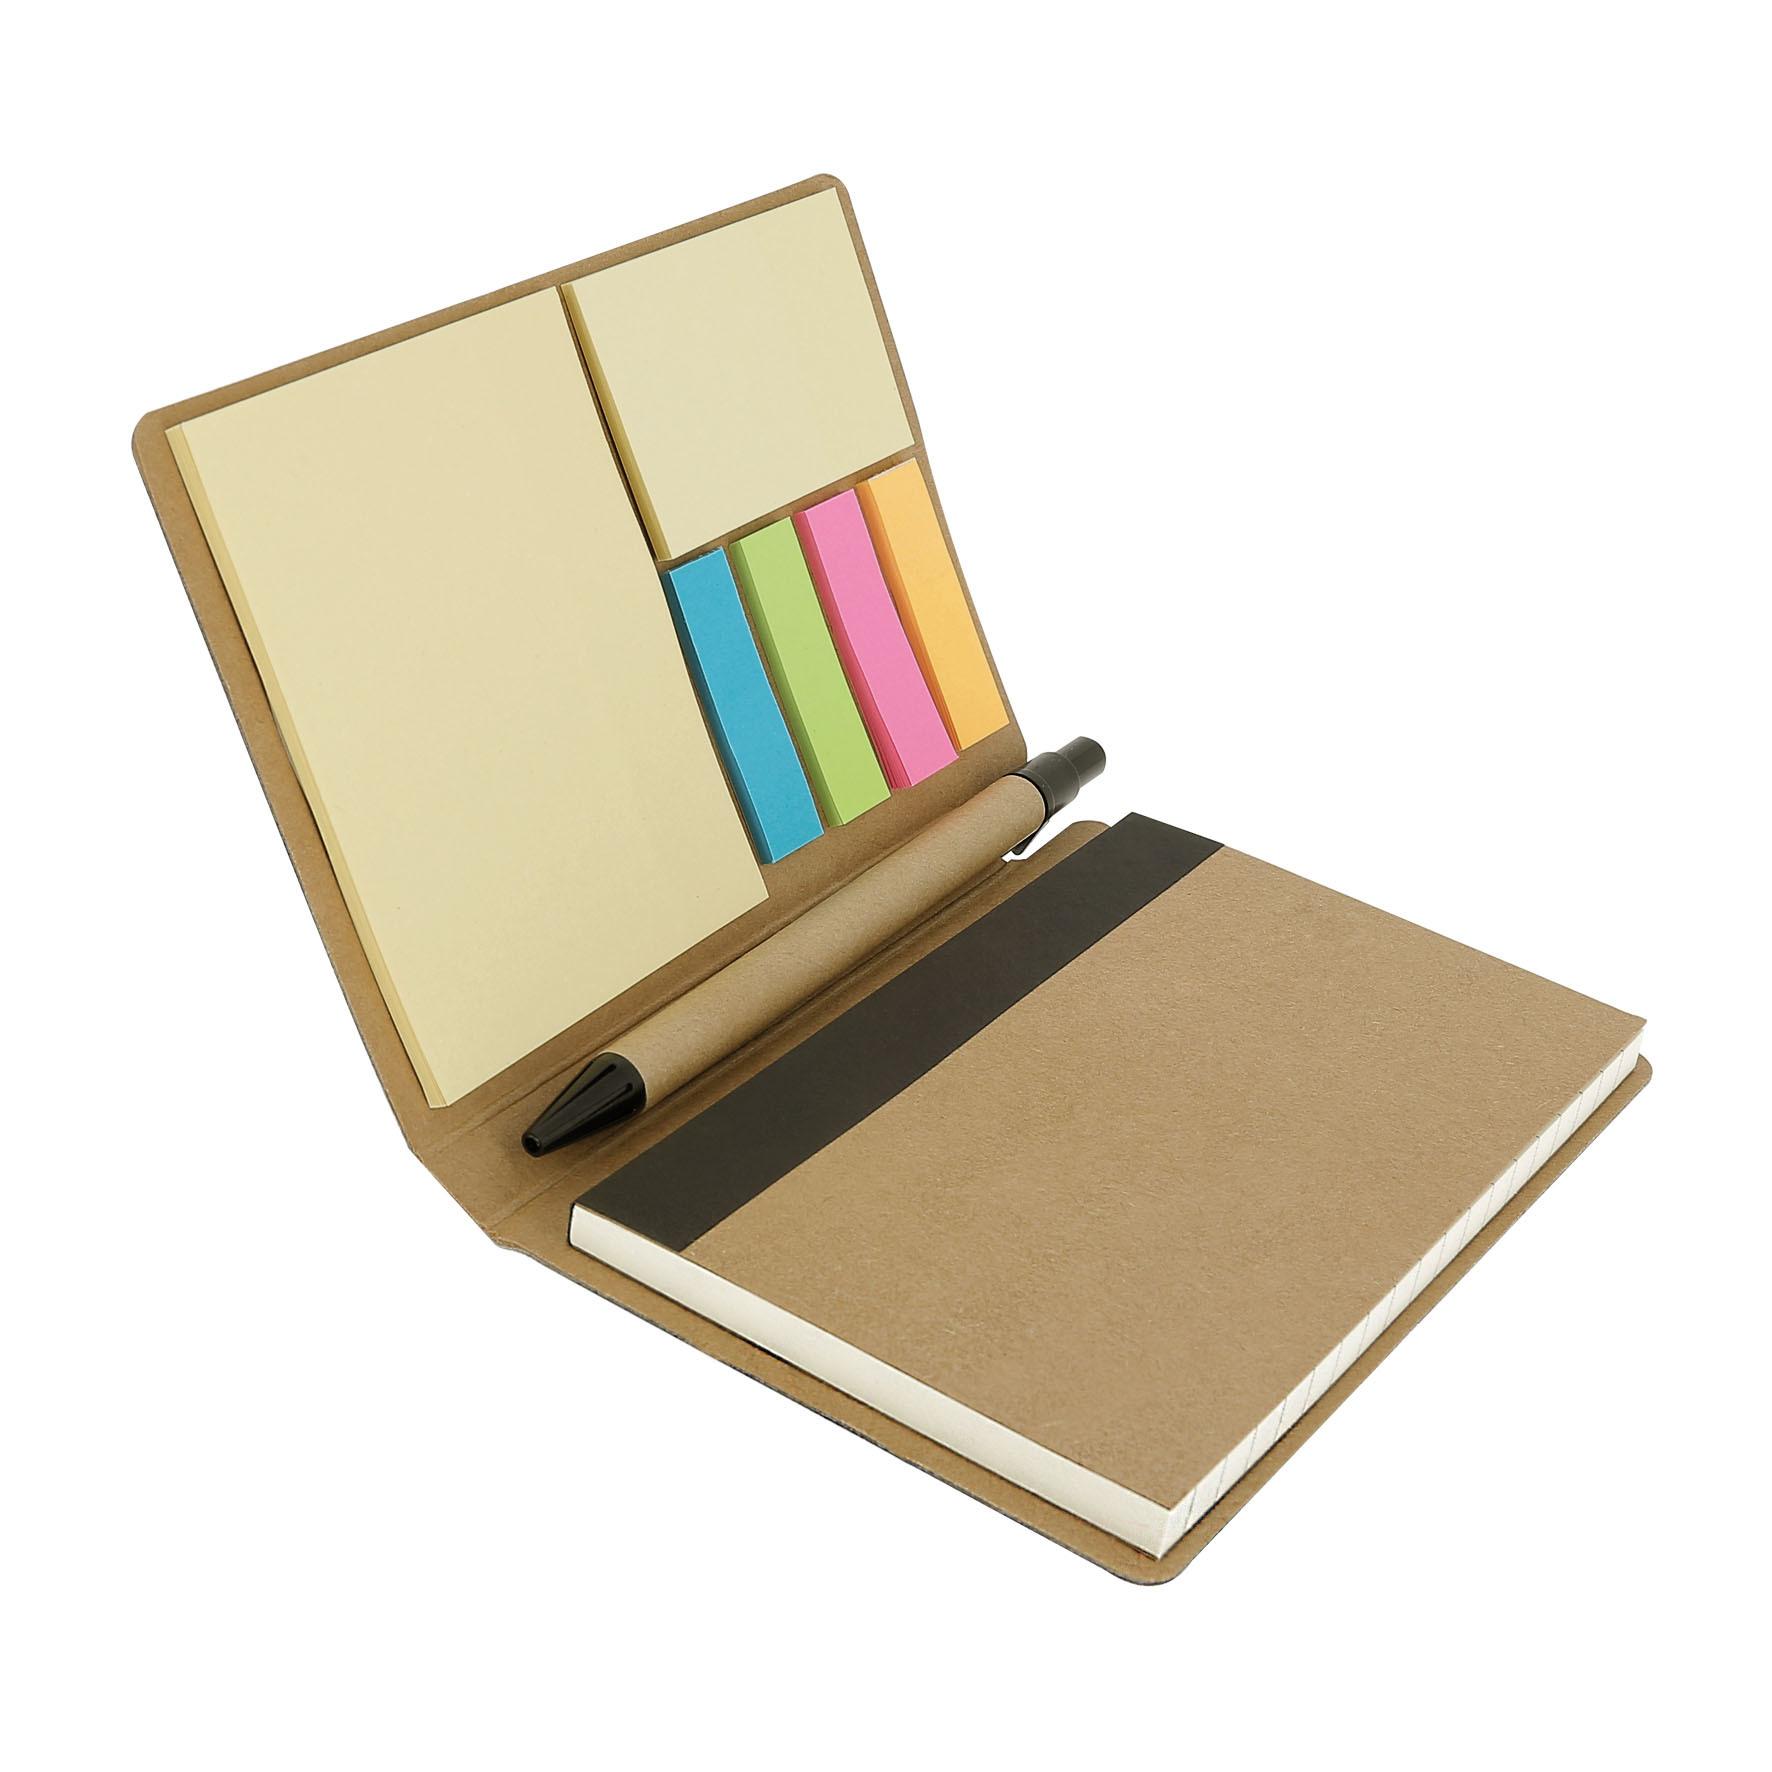 Carnet recyclé feuilles adhésives, marque-pages et 1 stylo